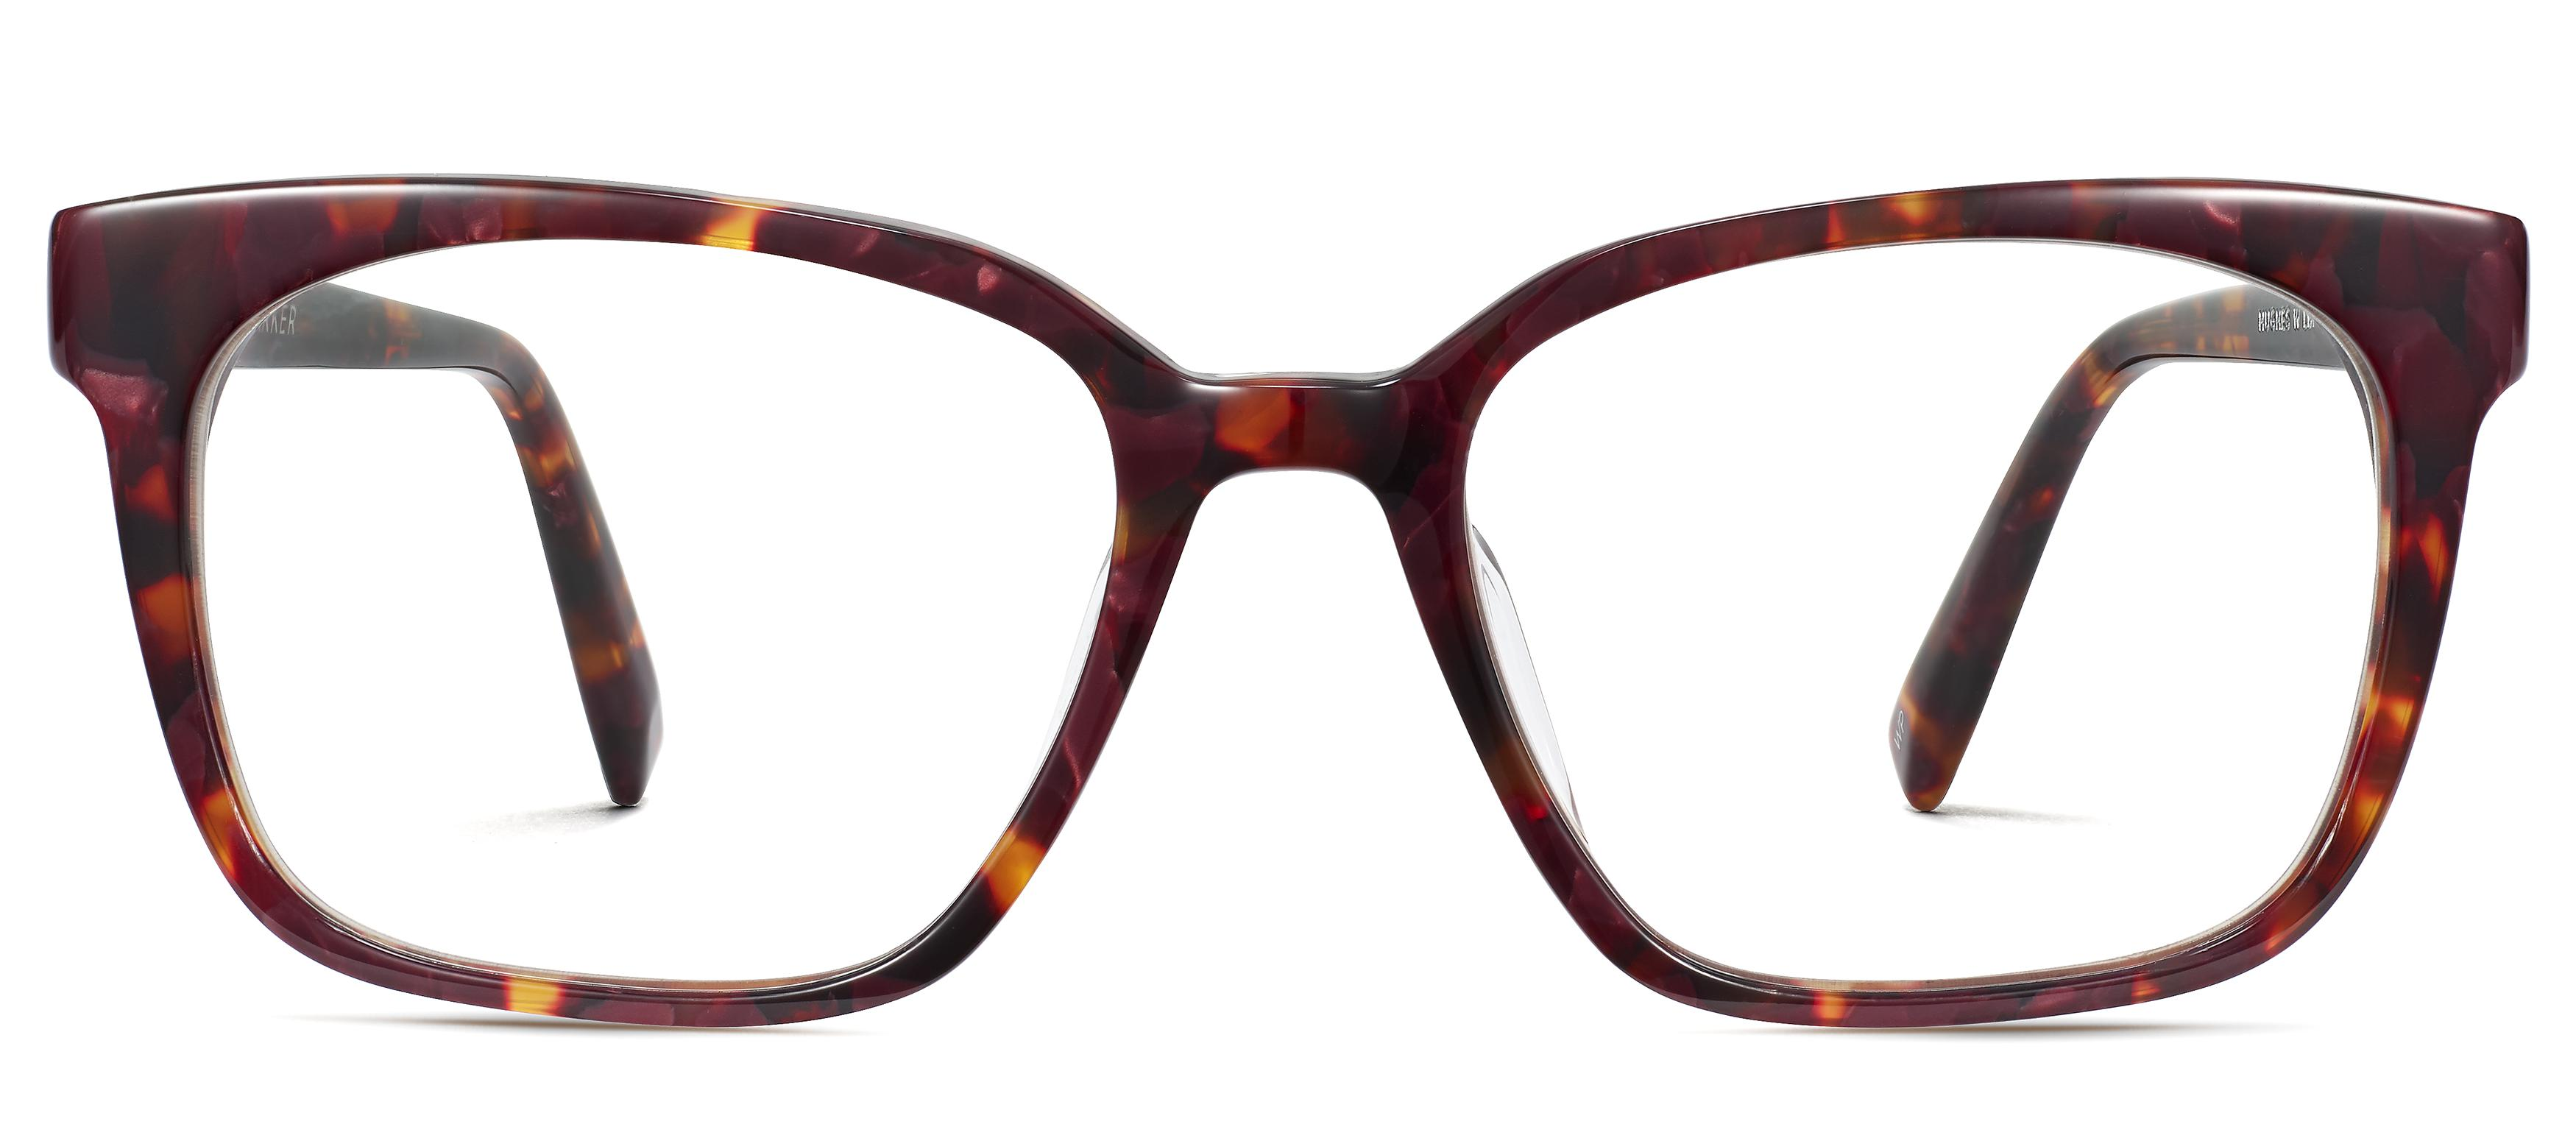 67f2bef48c Men's Eyeglasses | Warby Parker